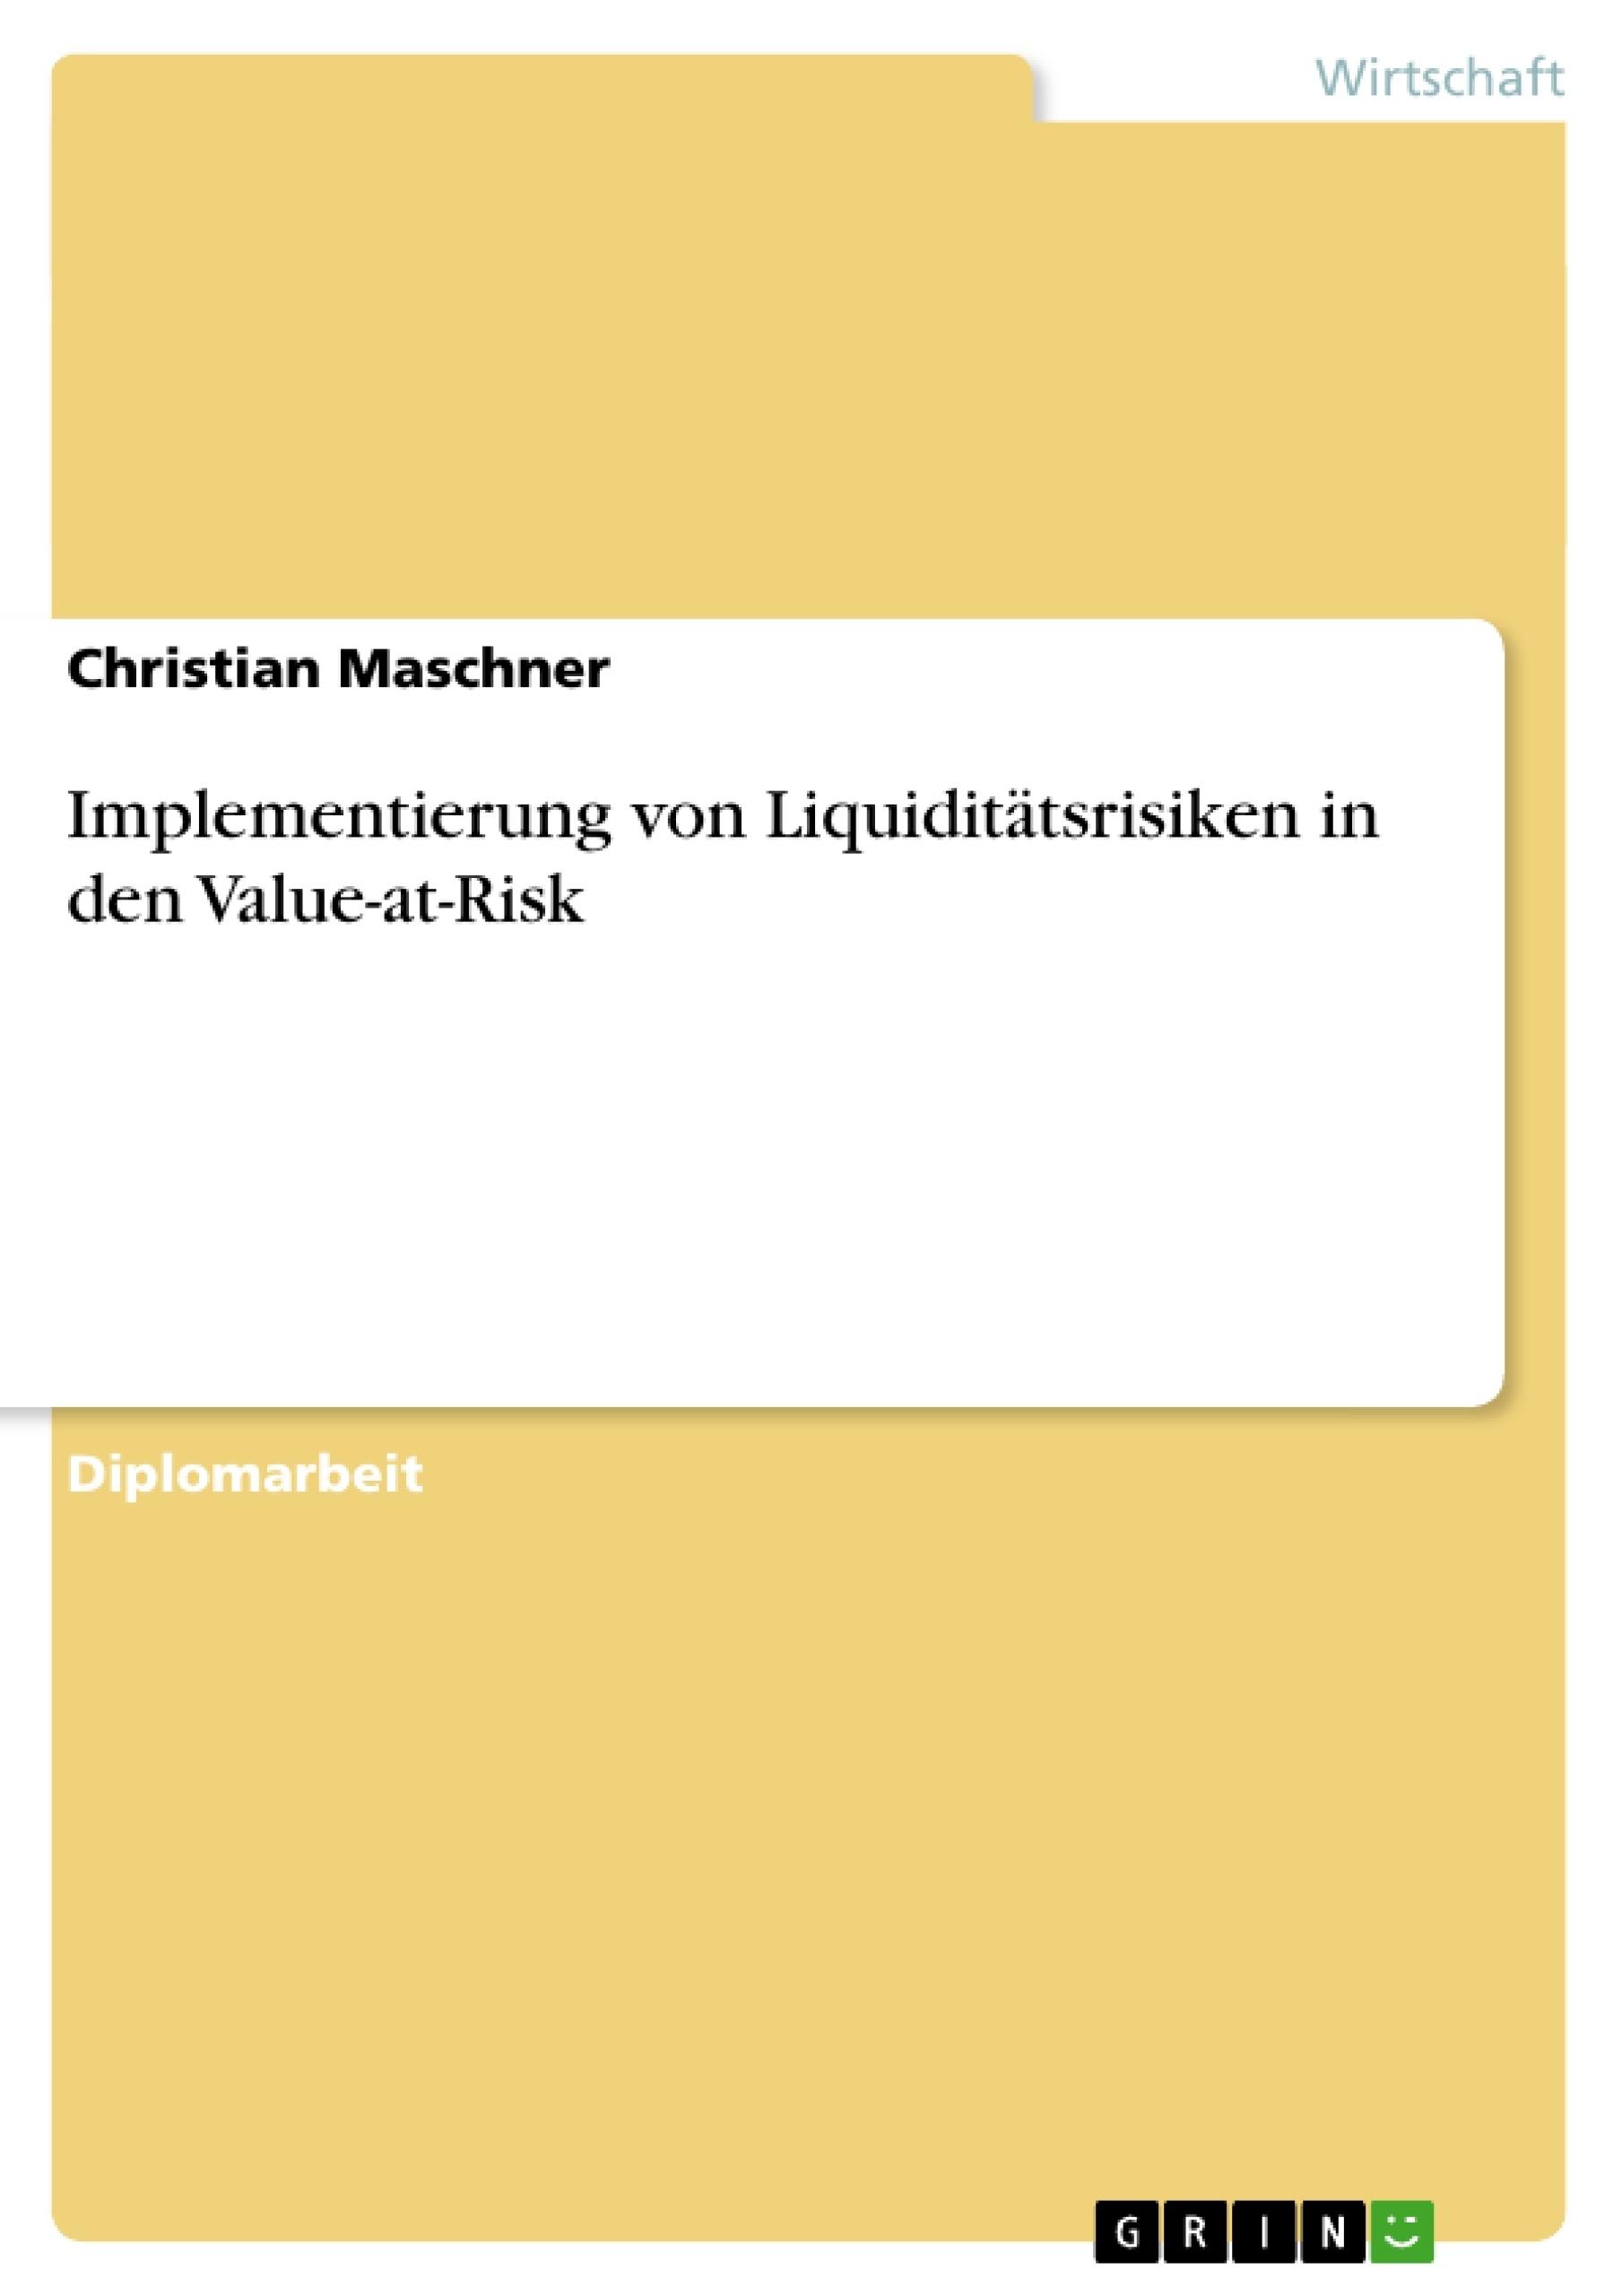 Titel: Implementierung von Liquiditätsrisiken in den Value-at-Risk